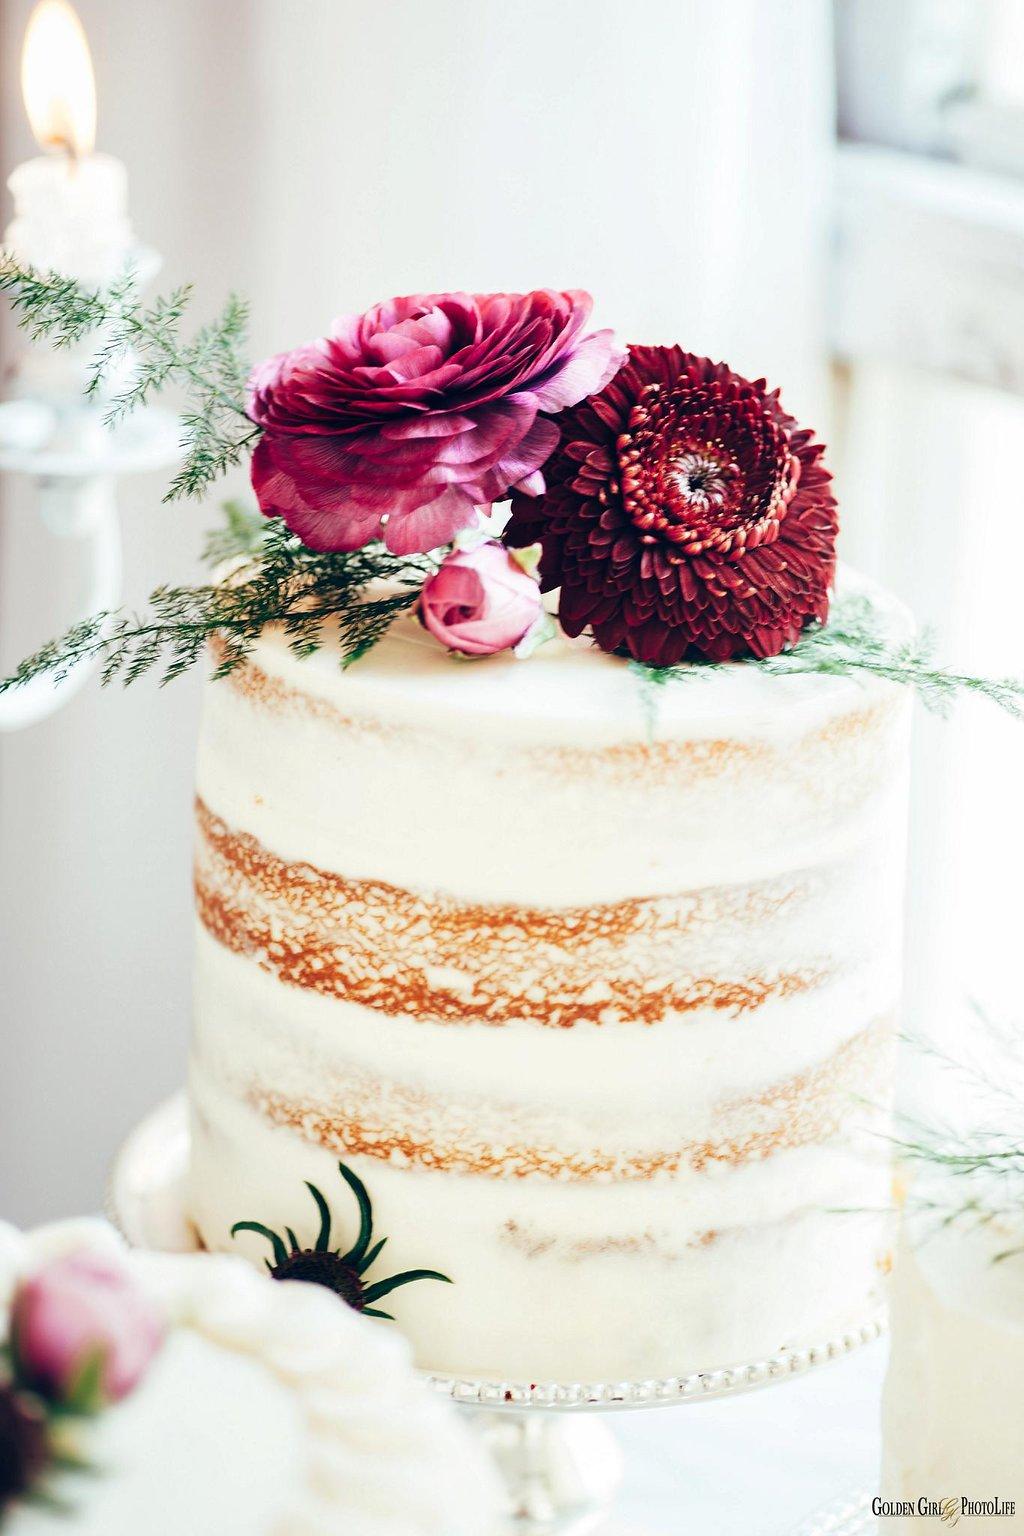 seattle-tiny-house-styled-shoot-wedding-cake-design_0003.jpg